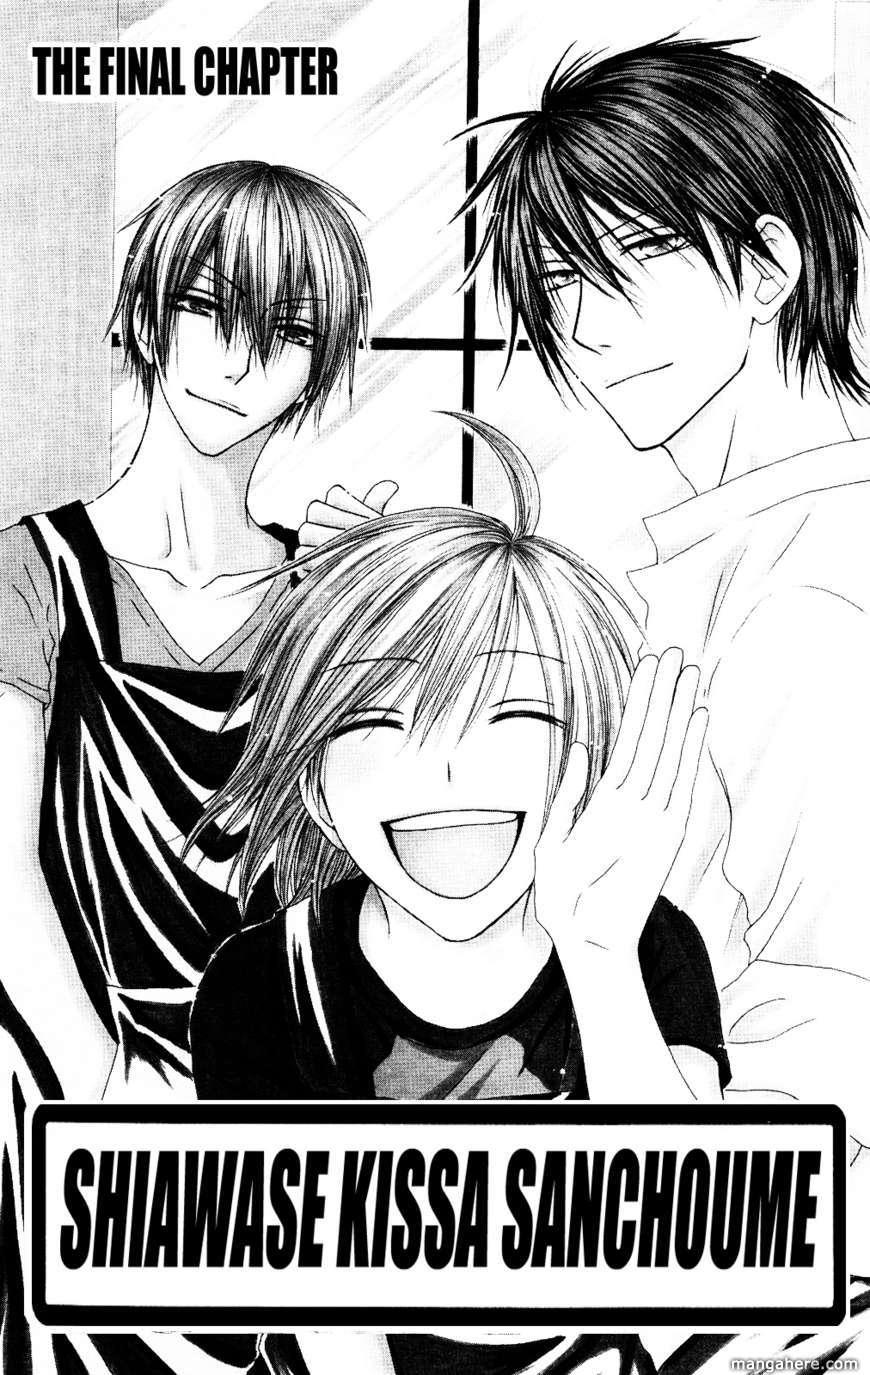 Shiawase Kissa Sanchoume 82 Page 1